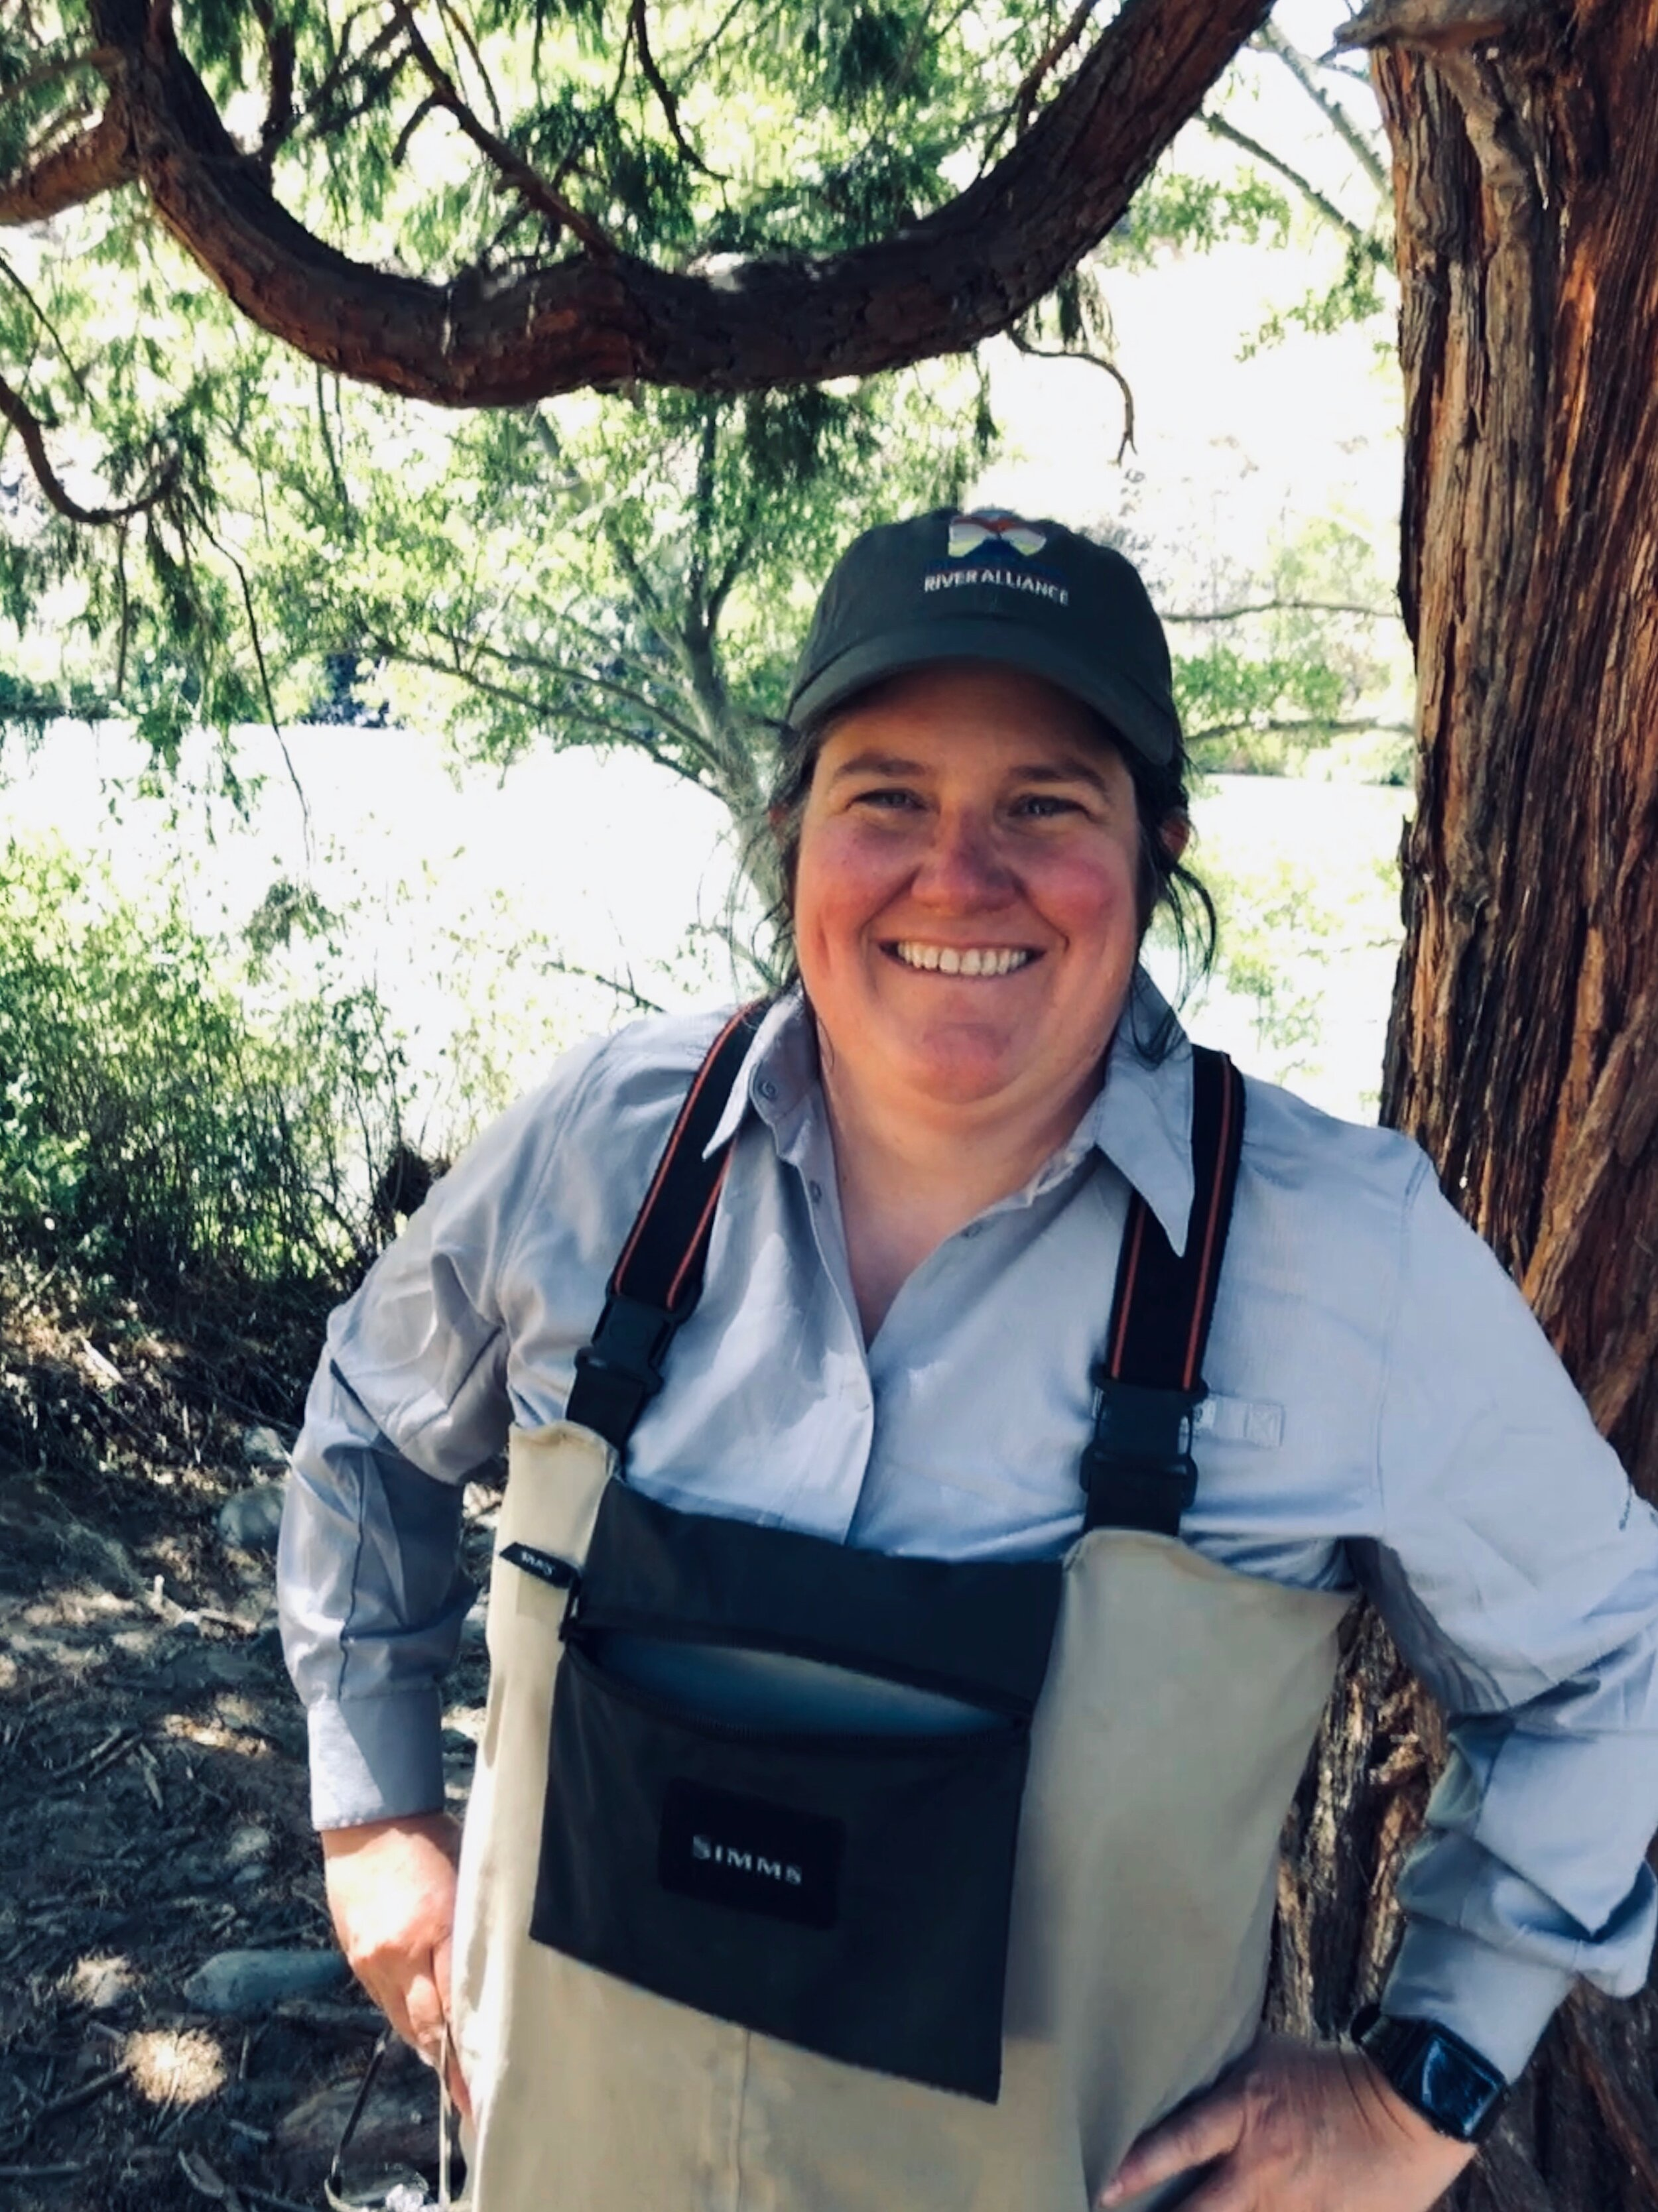 Sarah Cloud, Executive Director Deschutes River Alliance